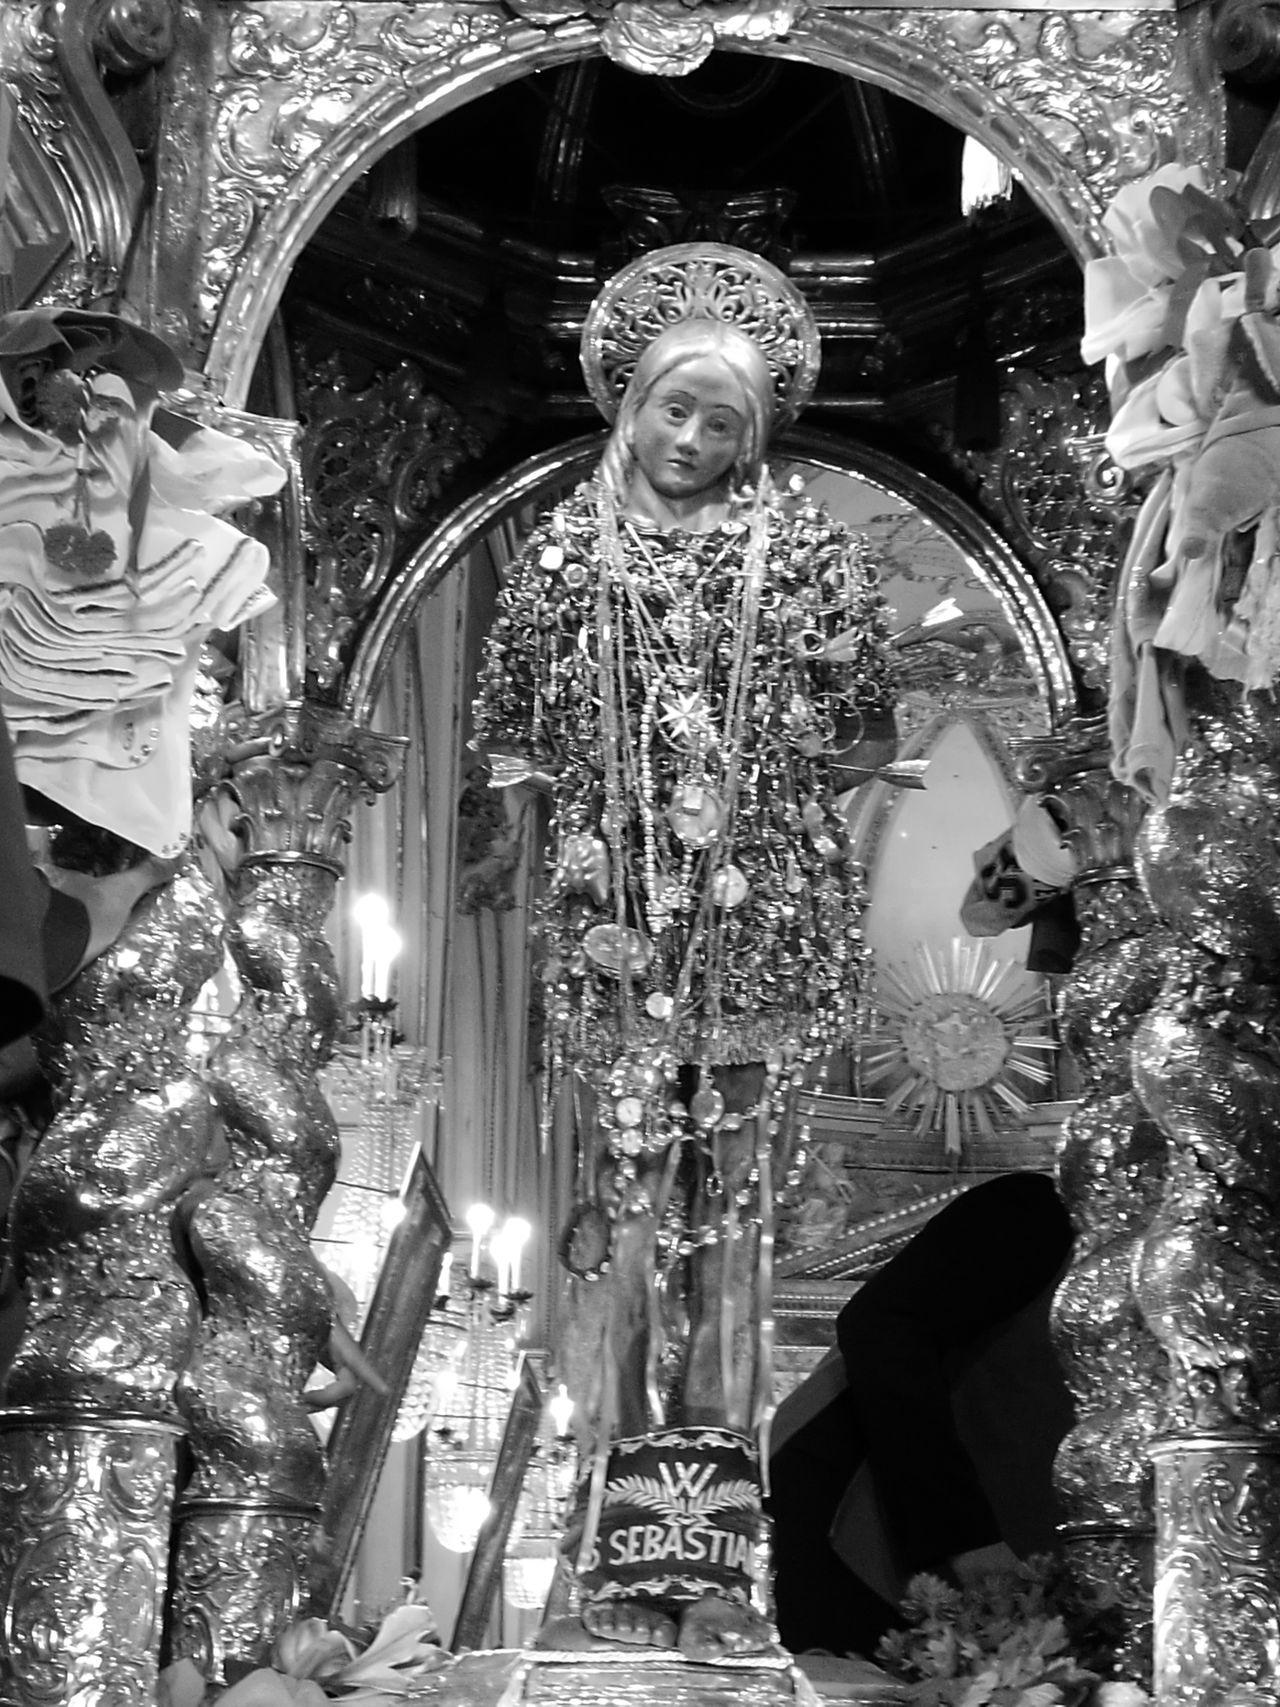 San Sebastiano Melilli 4 Maggio 2016 Sicily Barocco Fiore Siracusa San Sebastiano Floridia  Priolo Gargallo Chiesa Melilli Siracusa Sicily Clero Natura Flowers Fiori